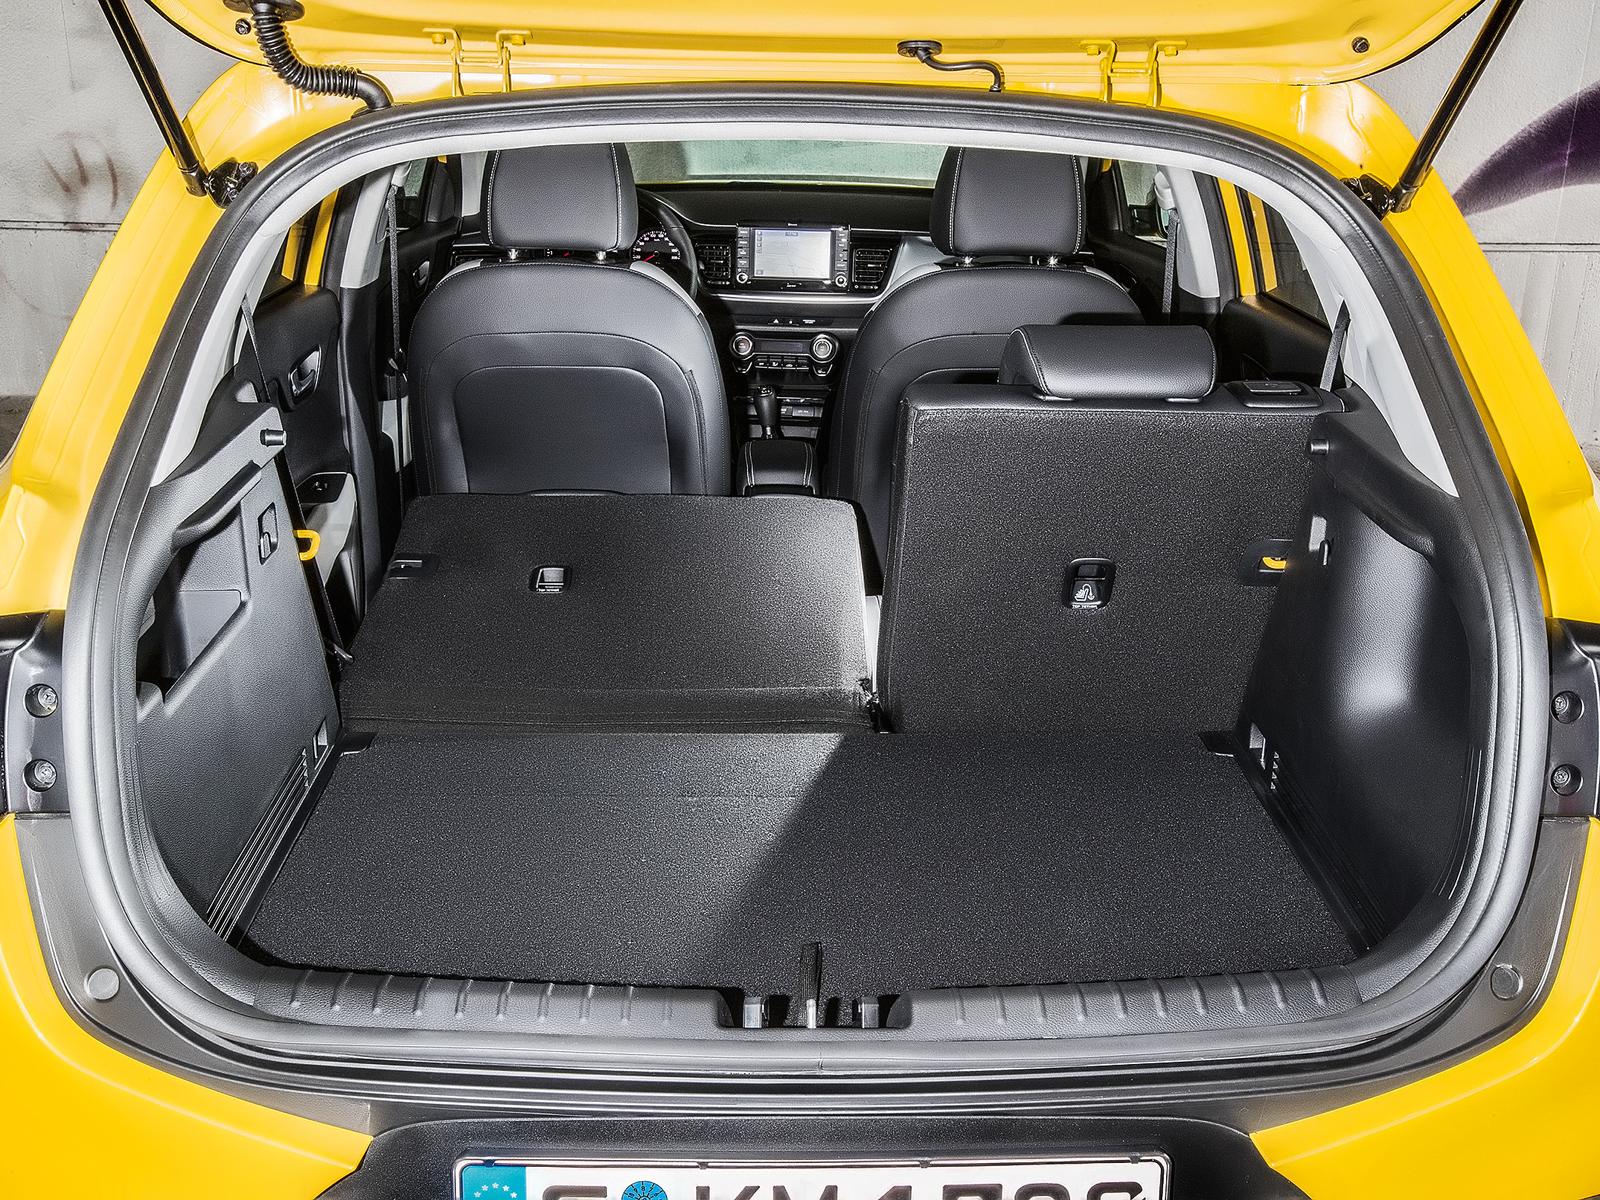 Porta-malas leva 332 litros, mas rebatendo o banco traseiro pode-se transportar até 1135 litros